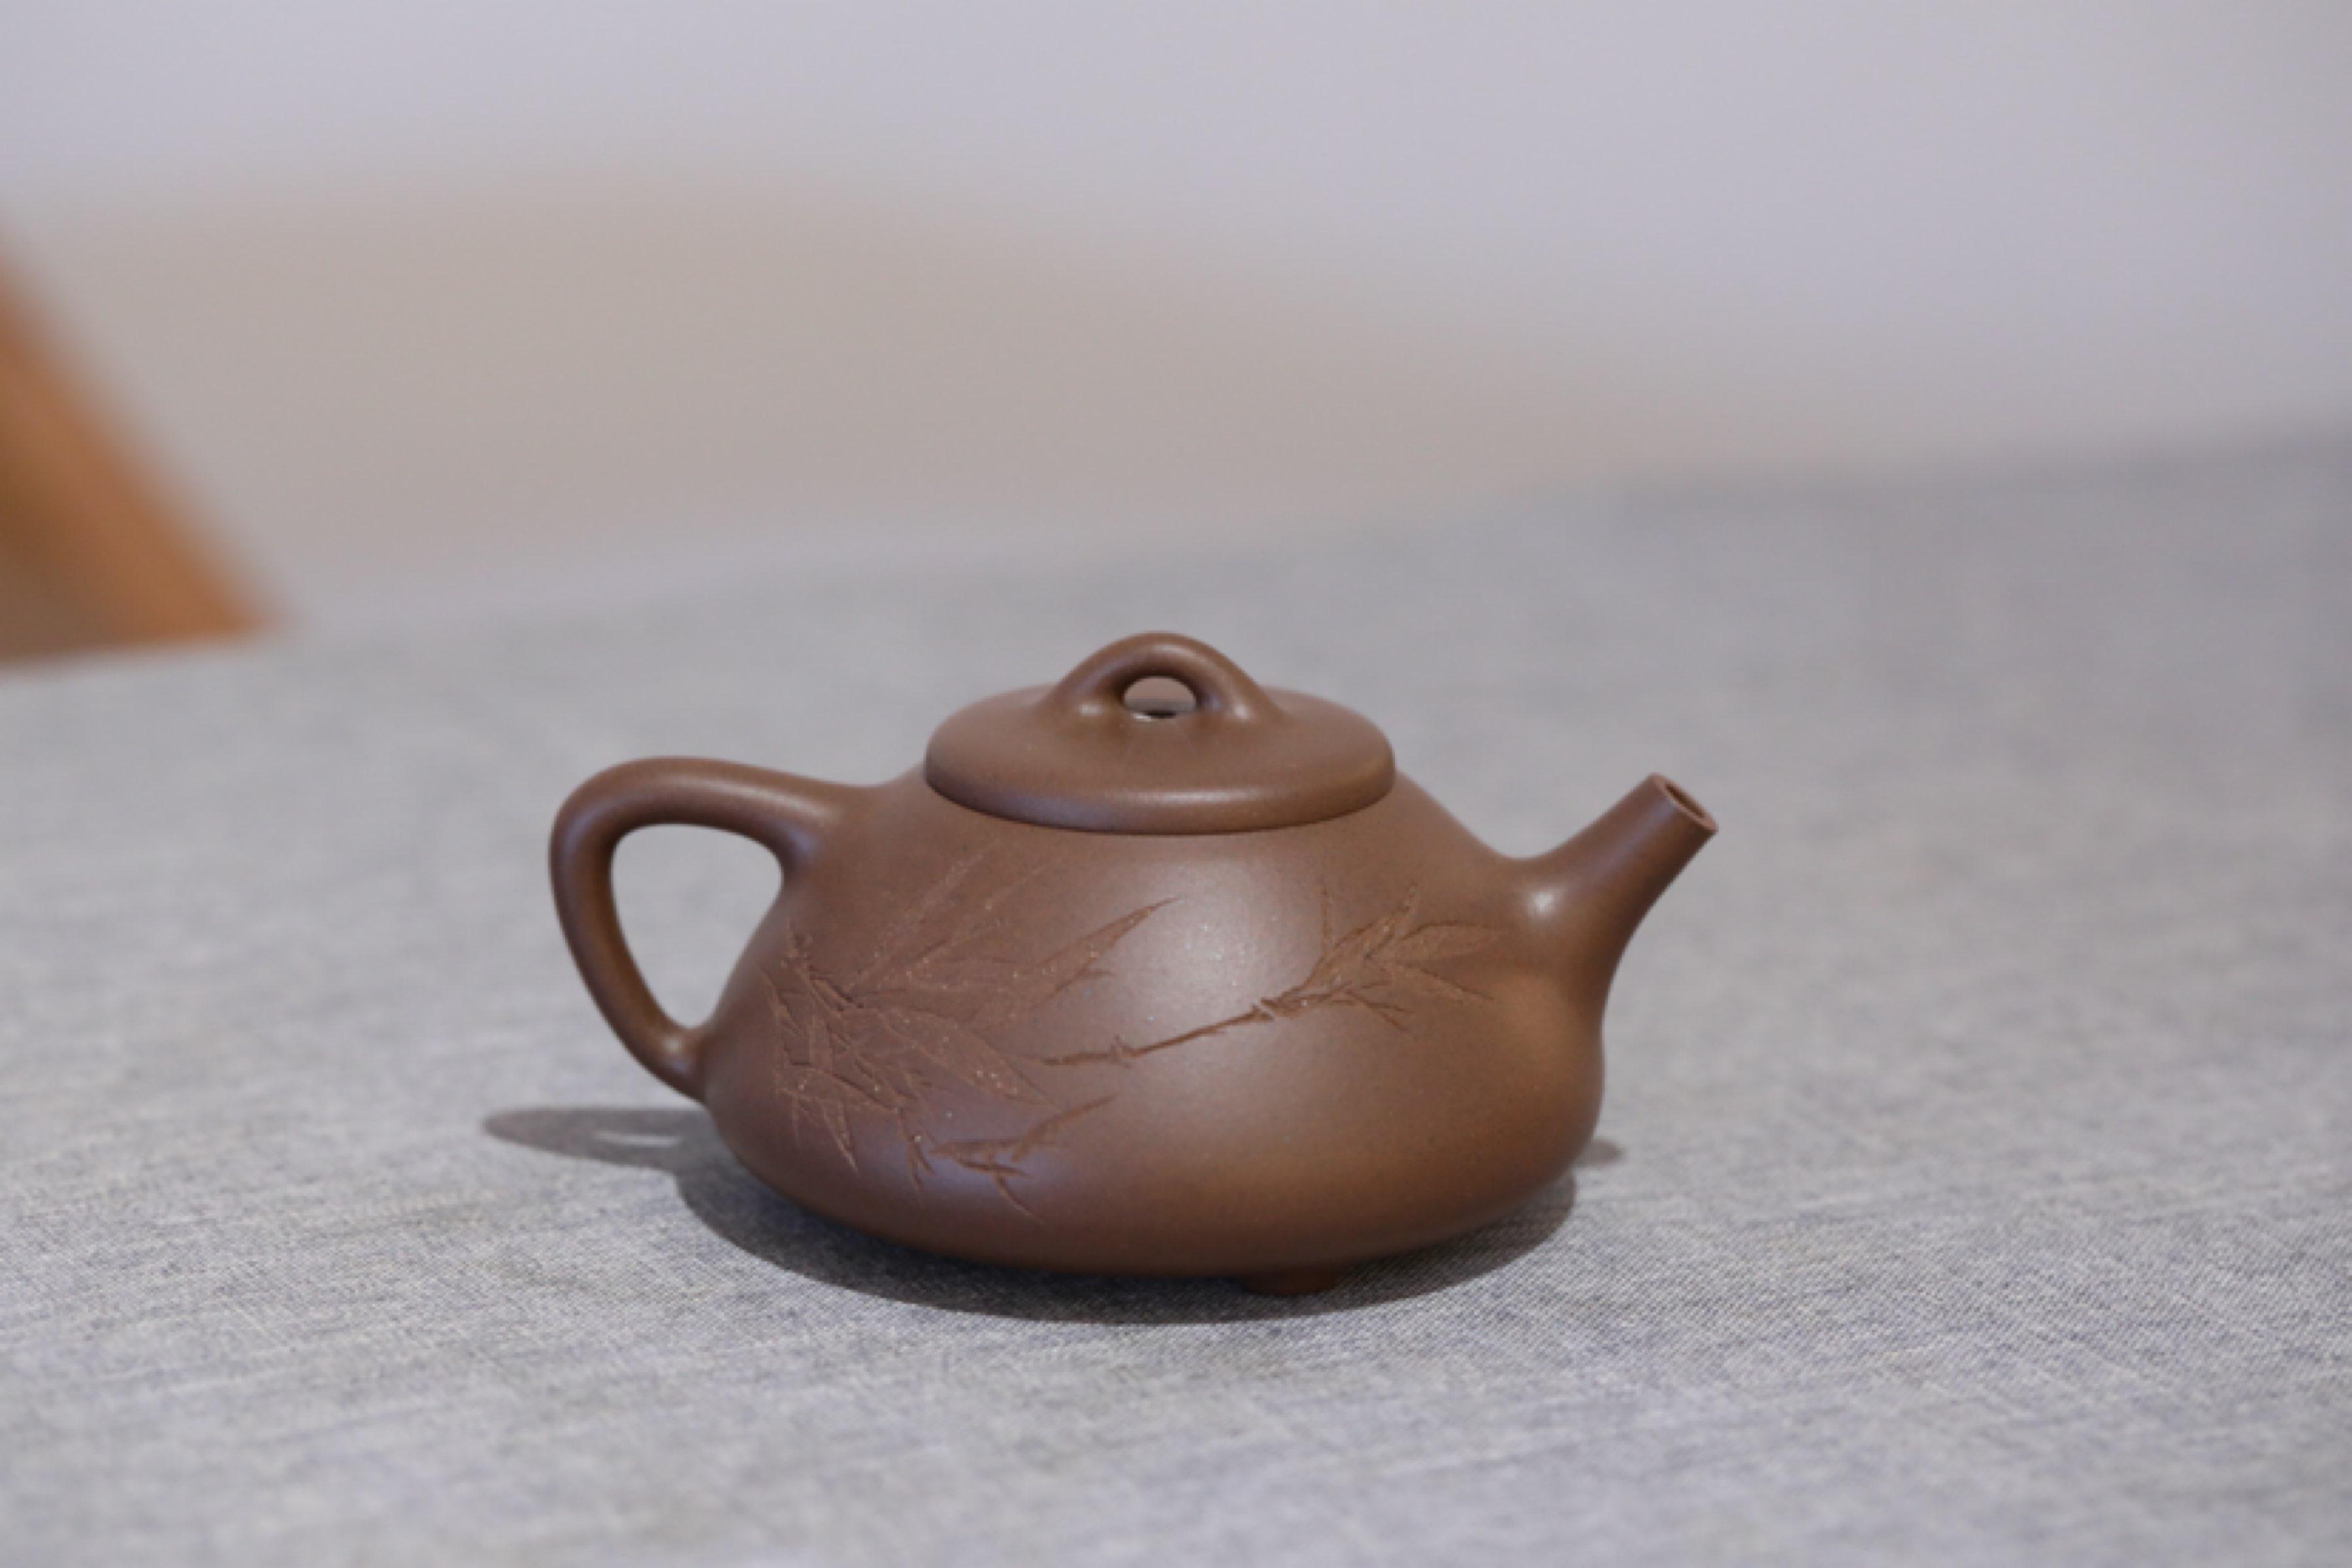 为什么说紫砂壶是时代发展的产物